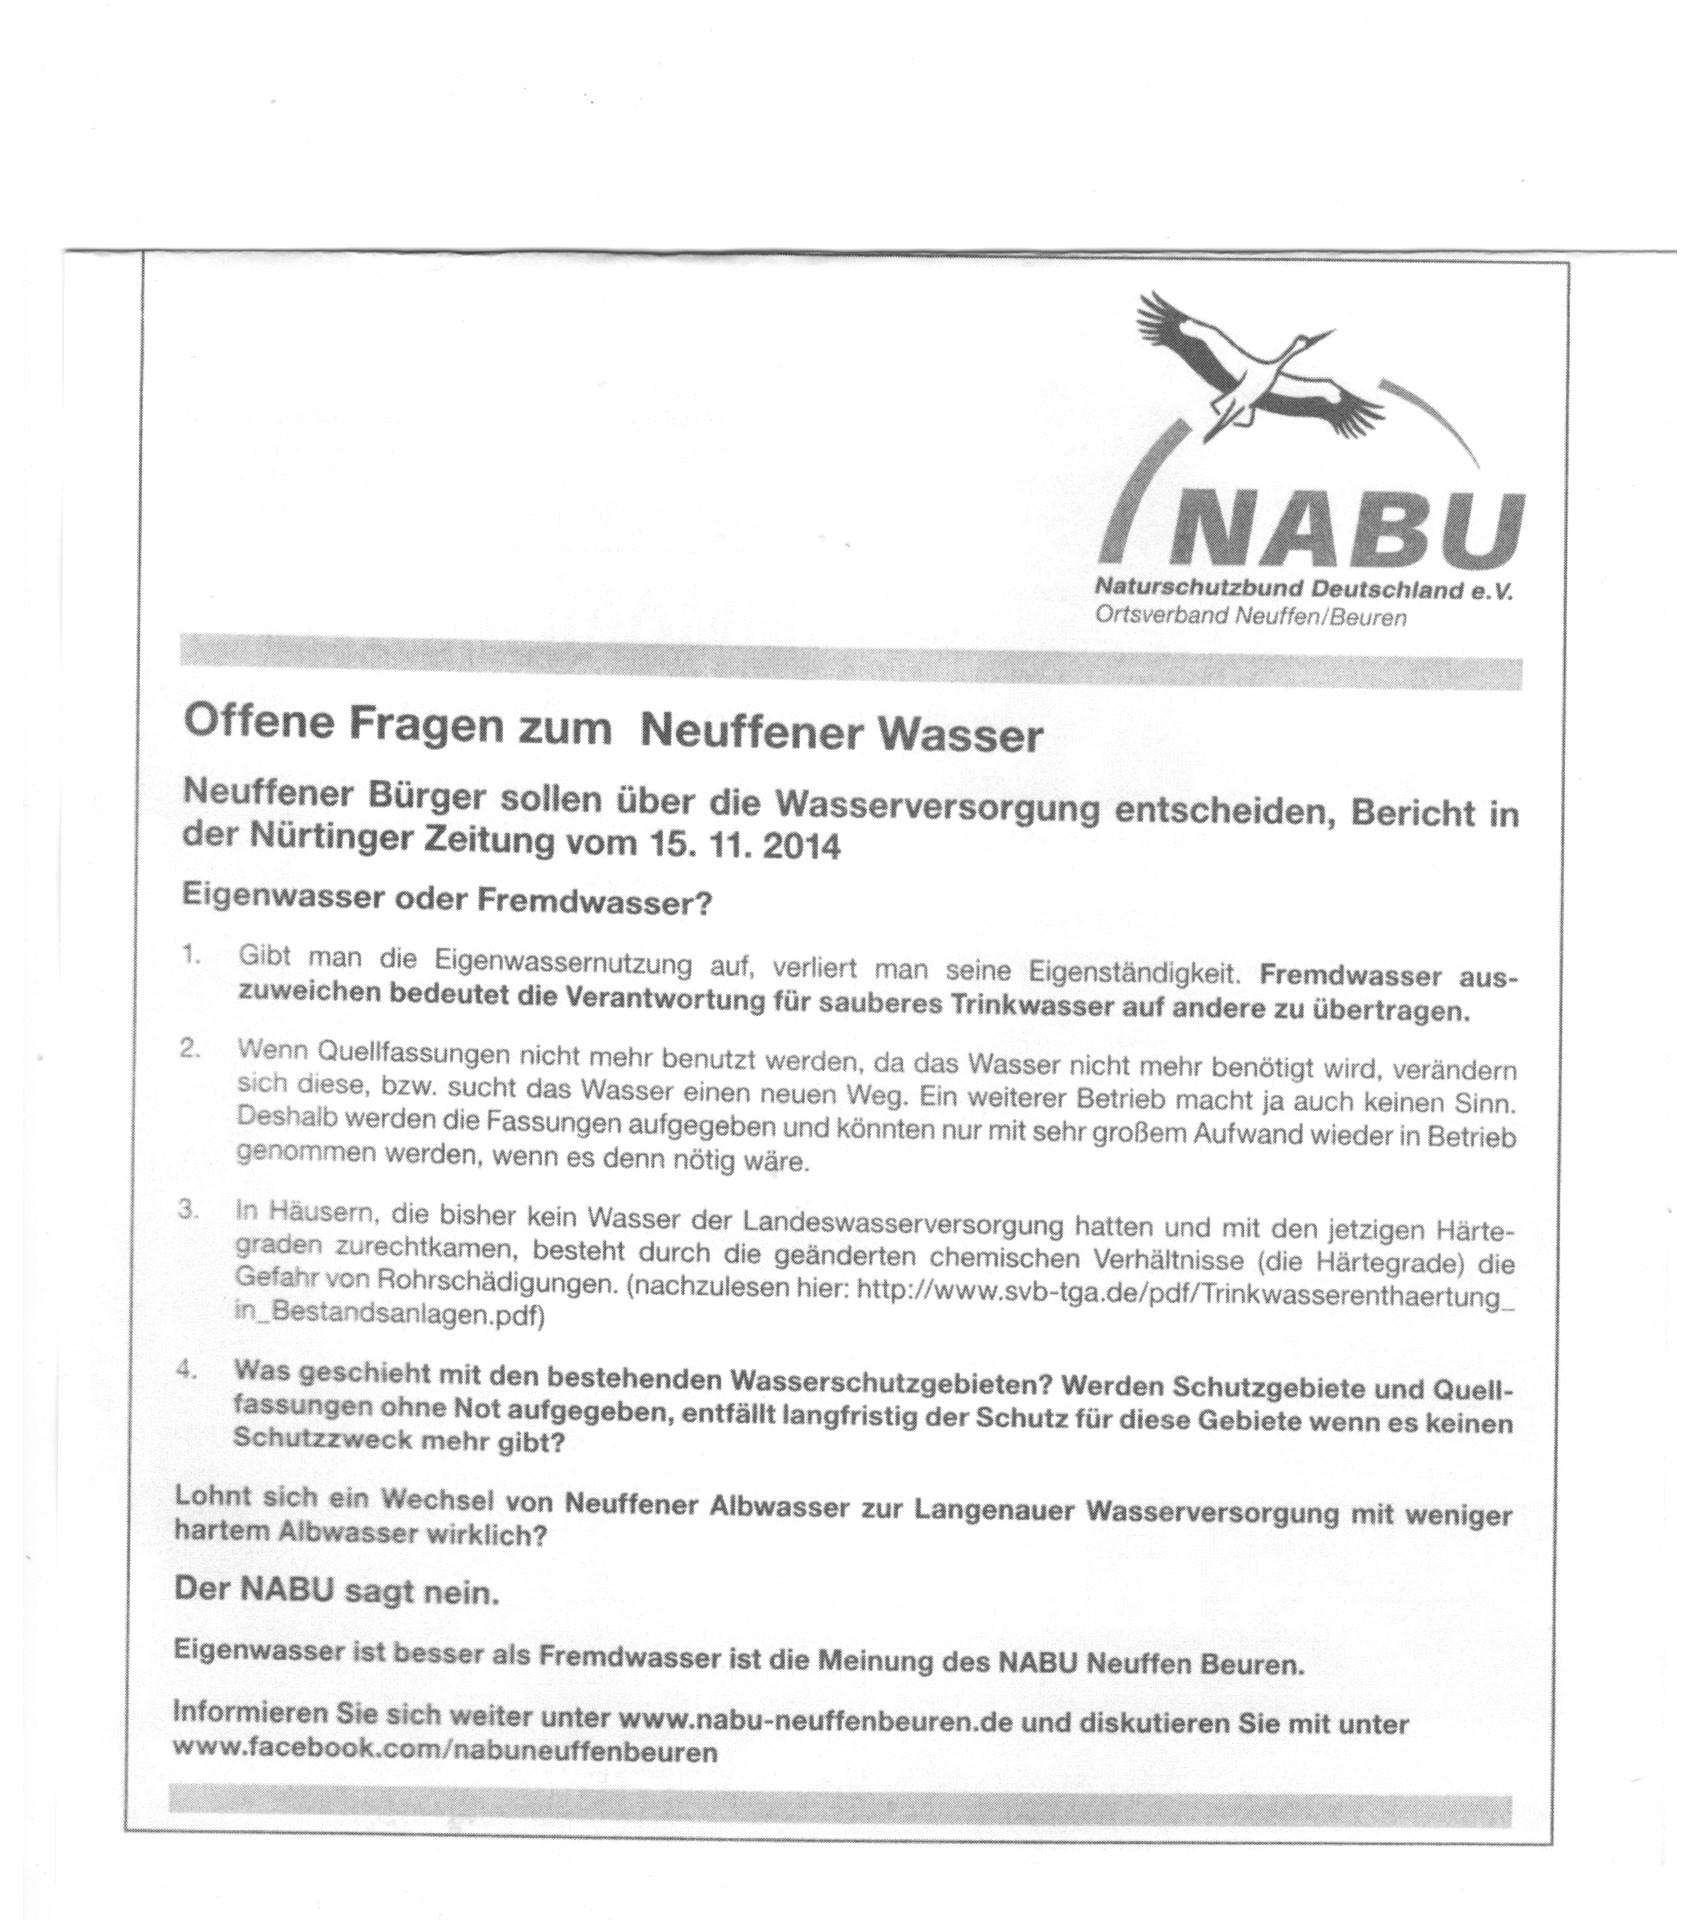 NABU Anzeige im Neuffener Stadtanzeiger